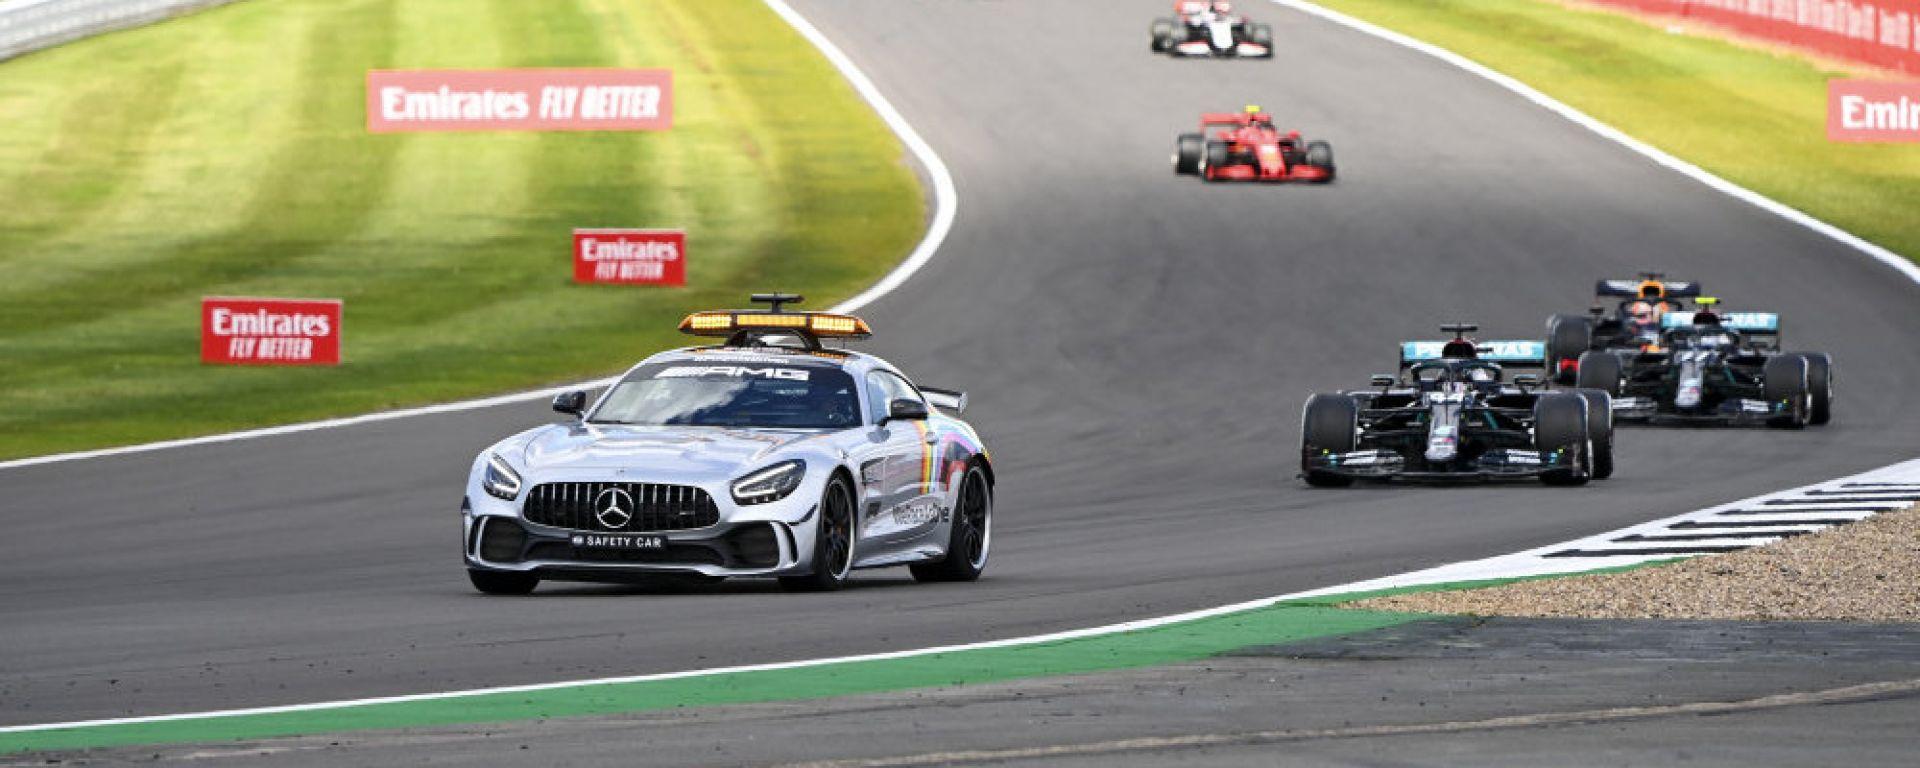 F1, GP Gran Bretagna 2020: la Safety Car guida il gruppo